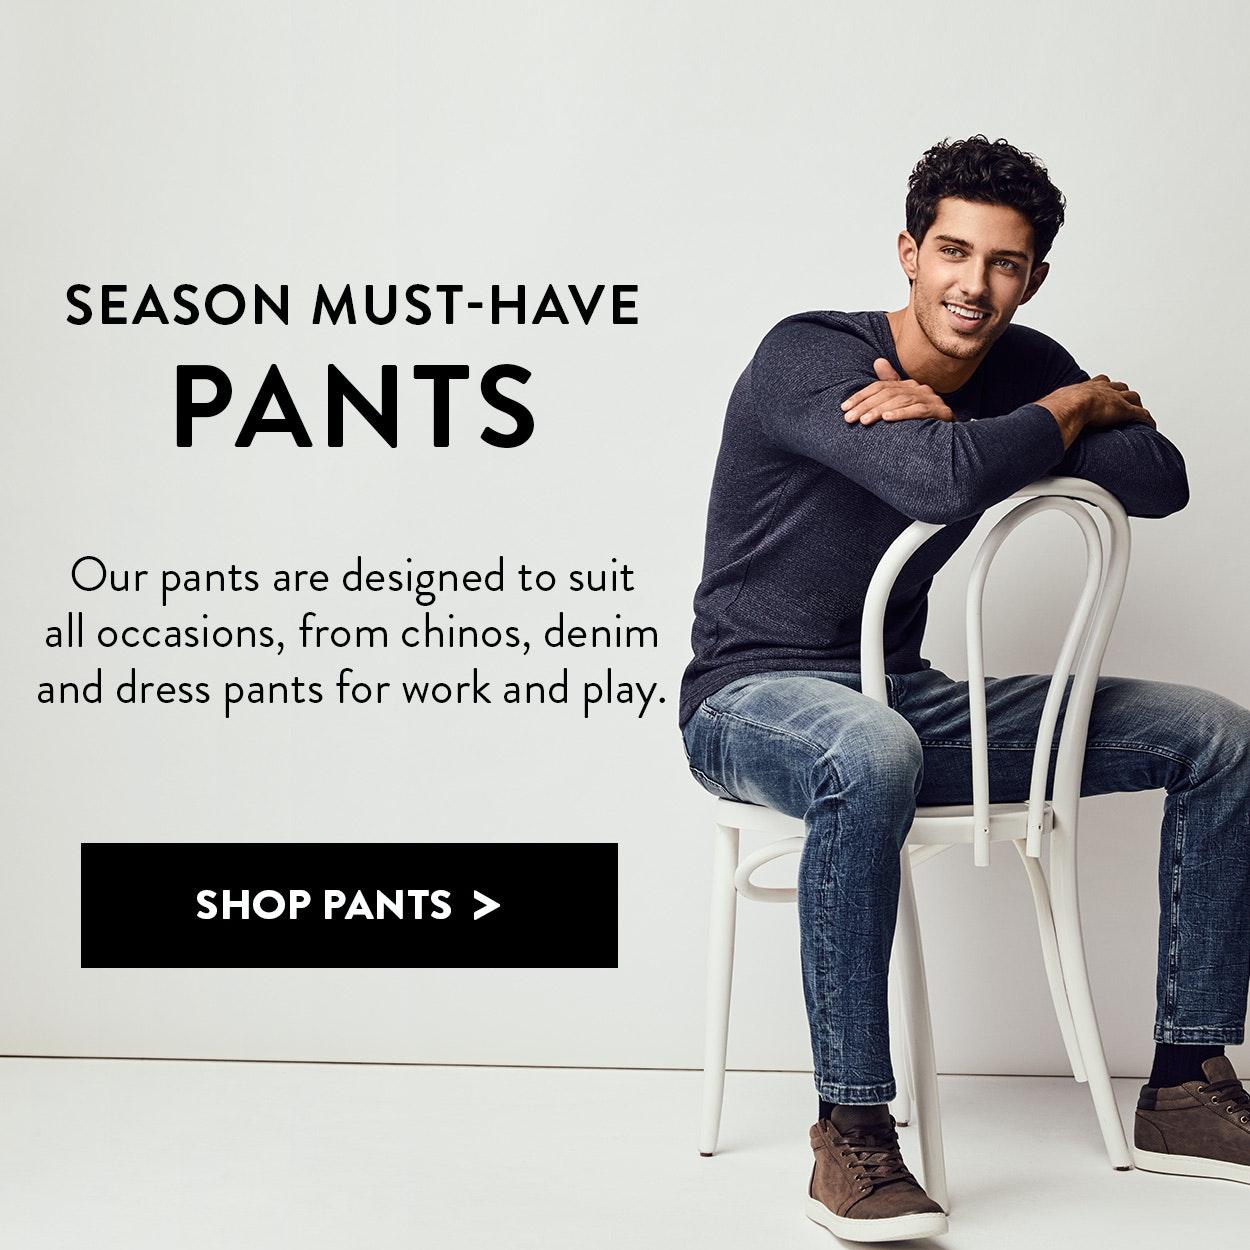 New Season Pants